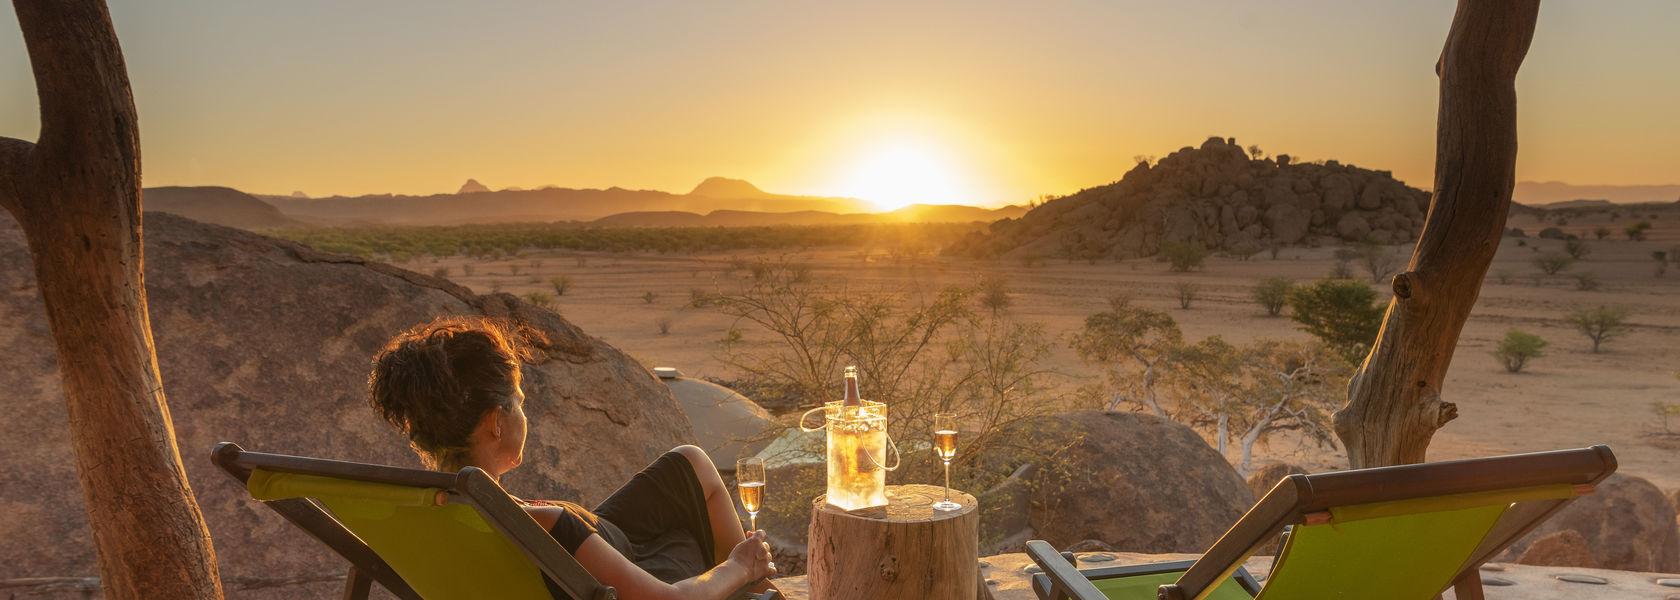 Luxe rondreis door Namibie - 18 daagse individuele reis door Namibie